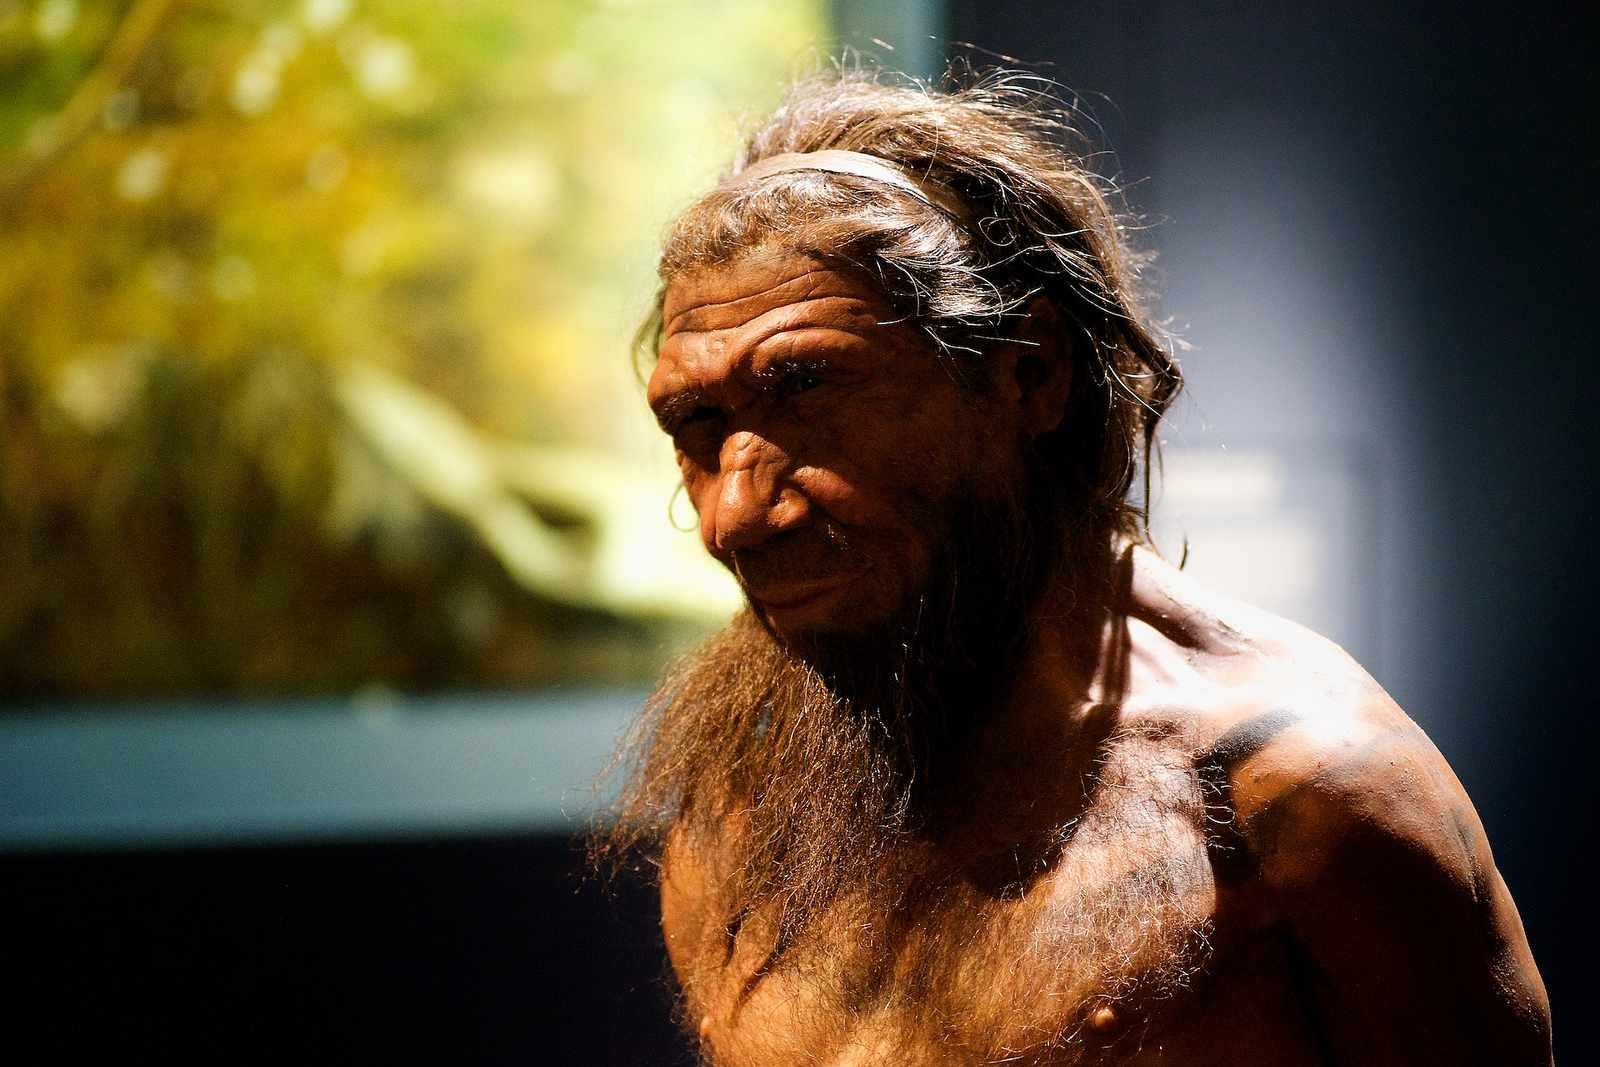 model of neanderthal man in museum